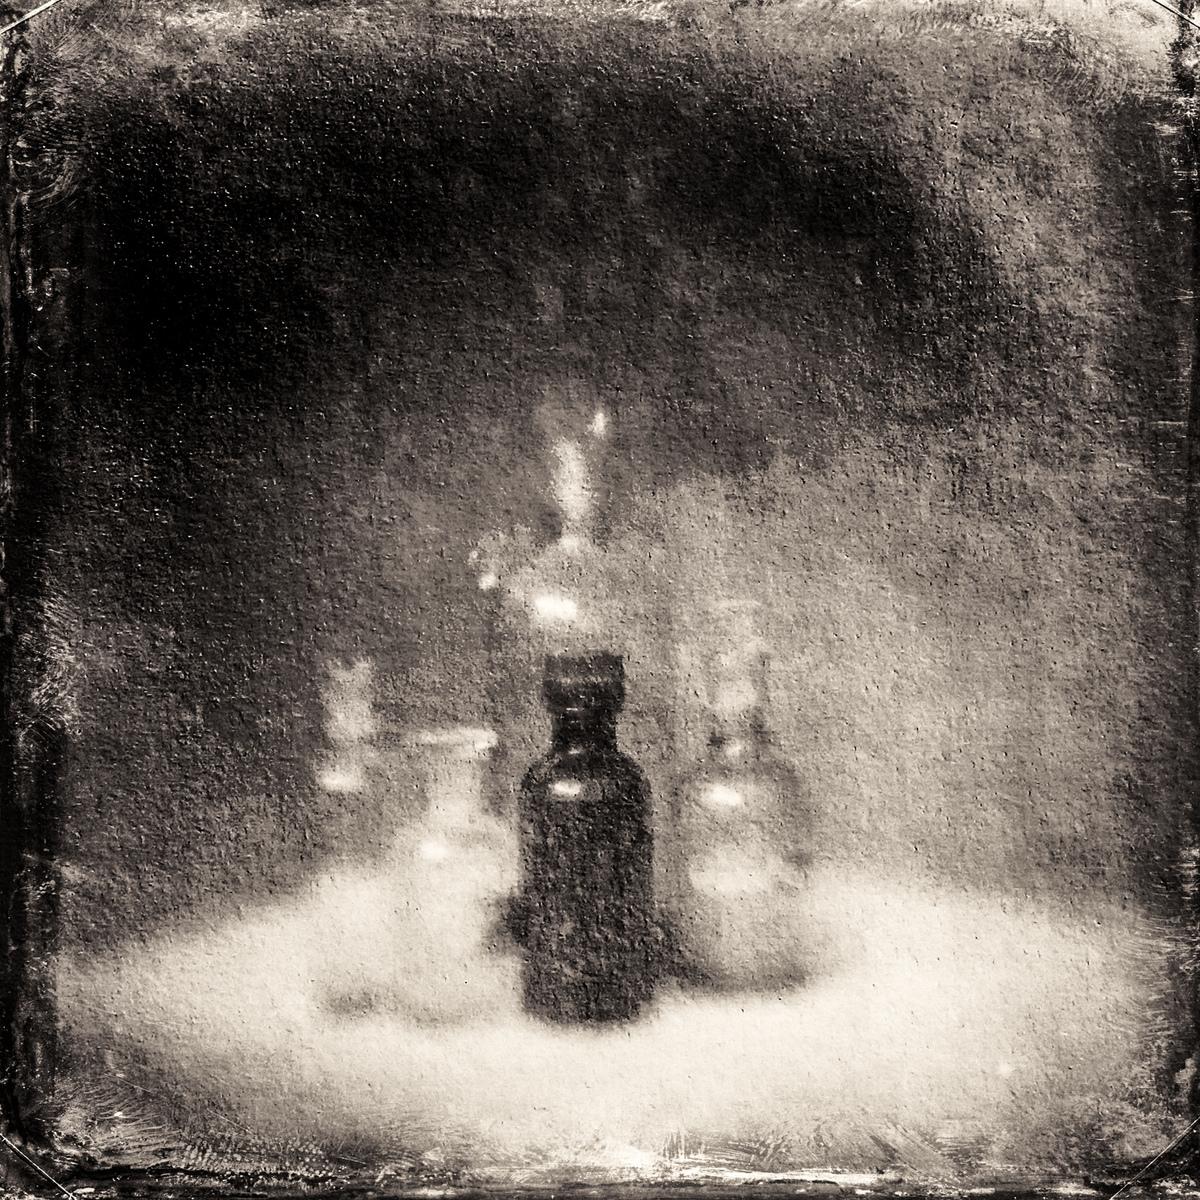 Darkroom Treasures